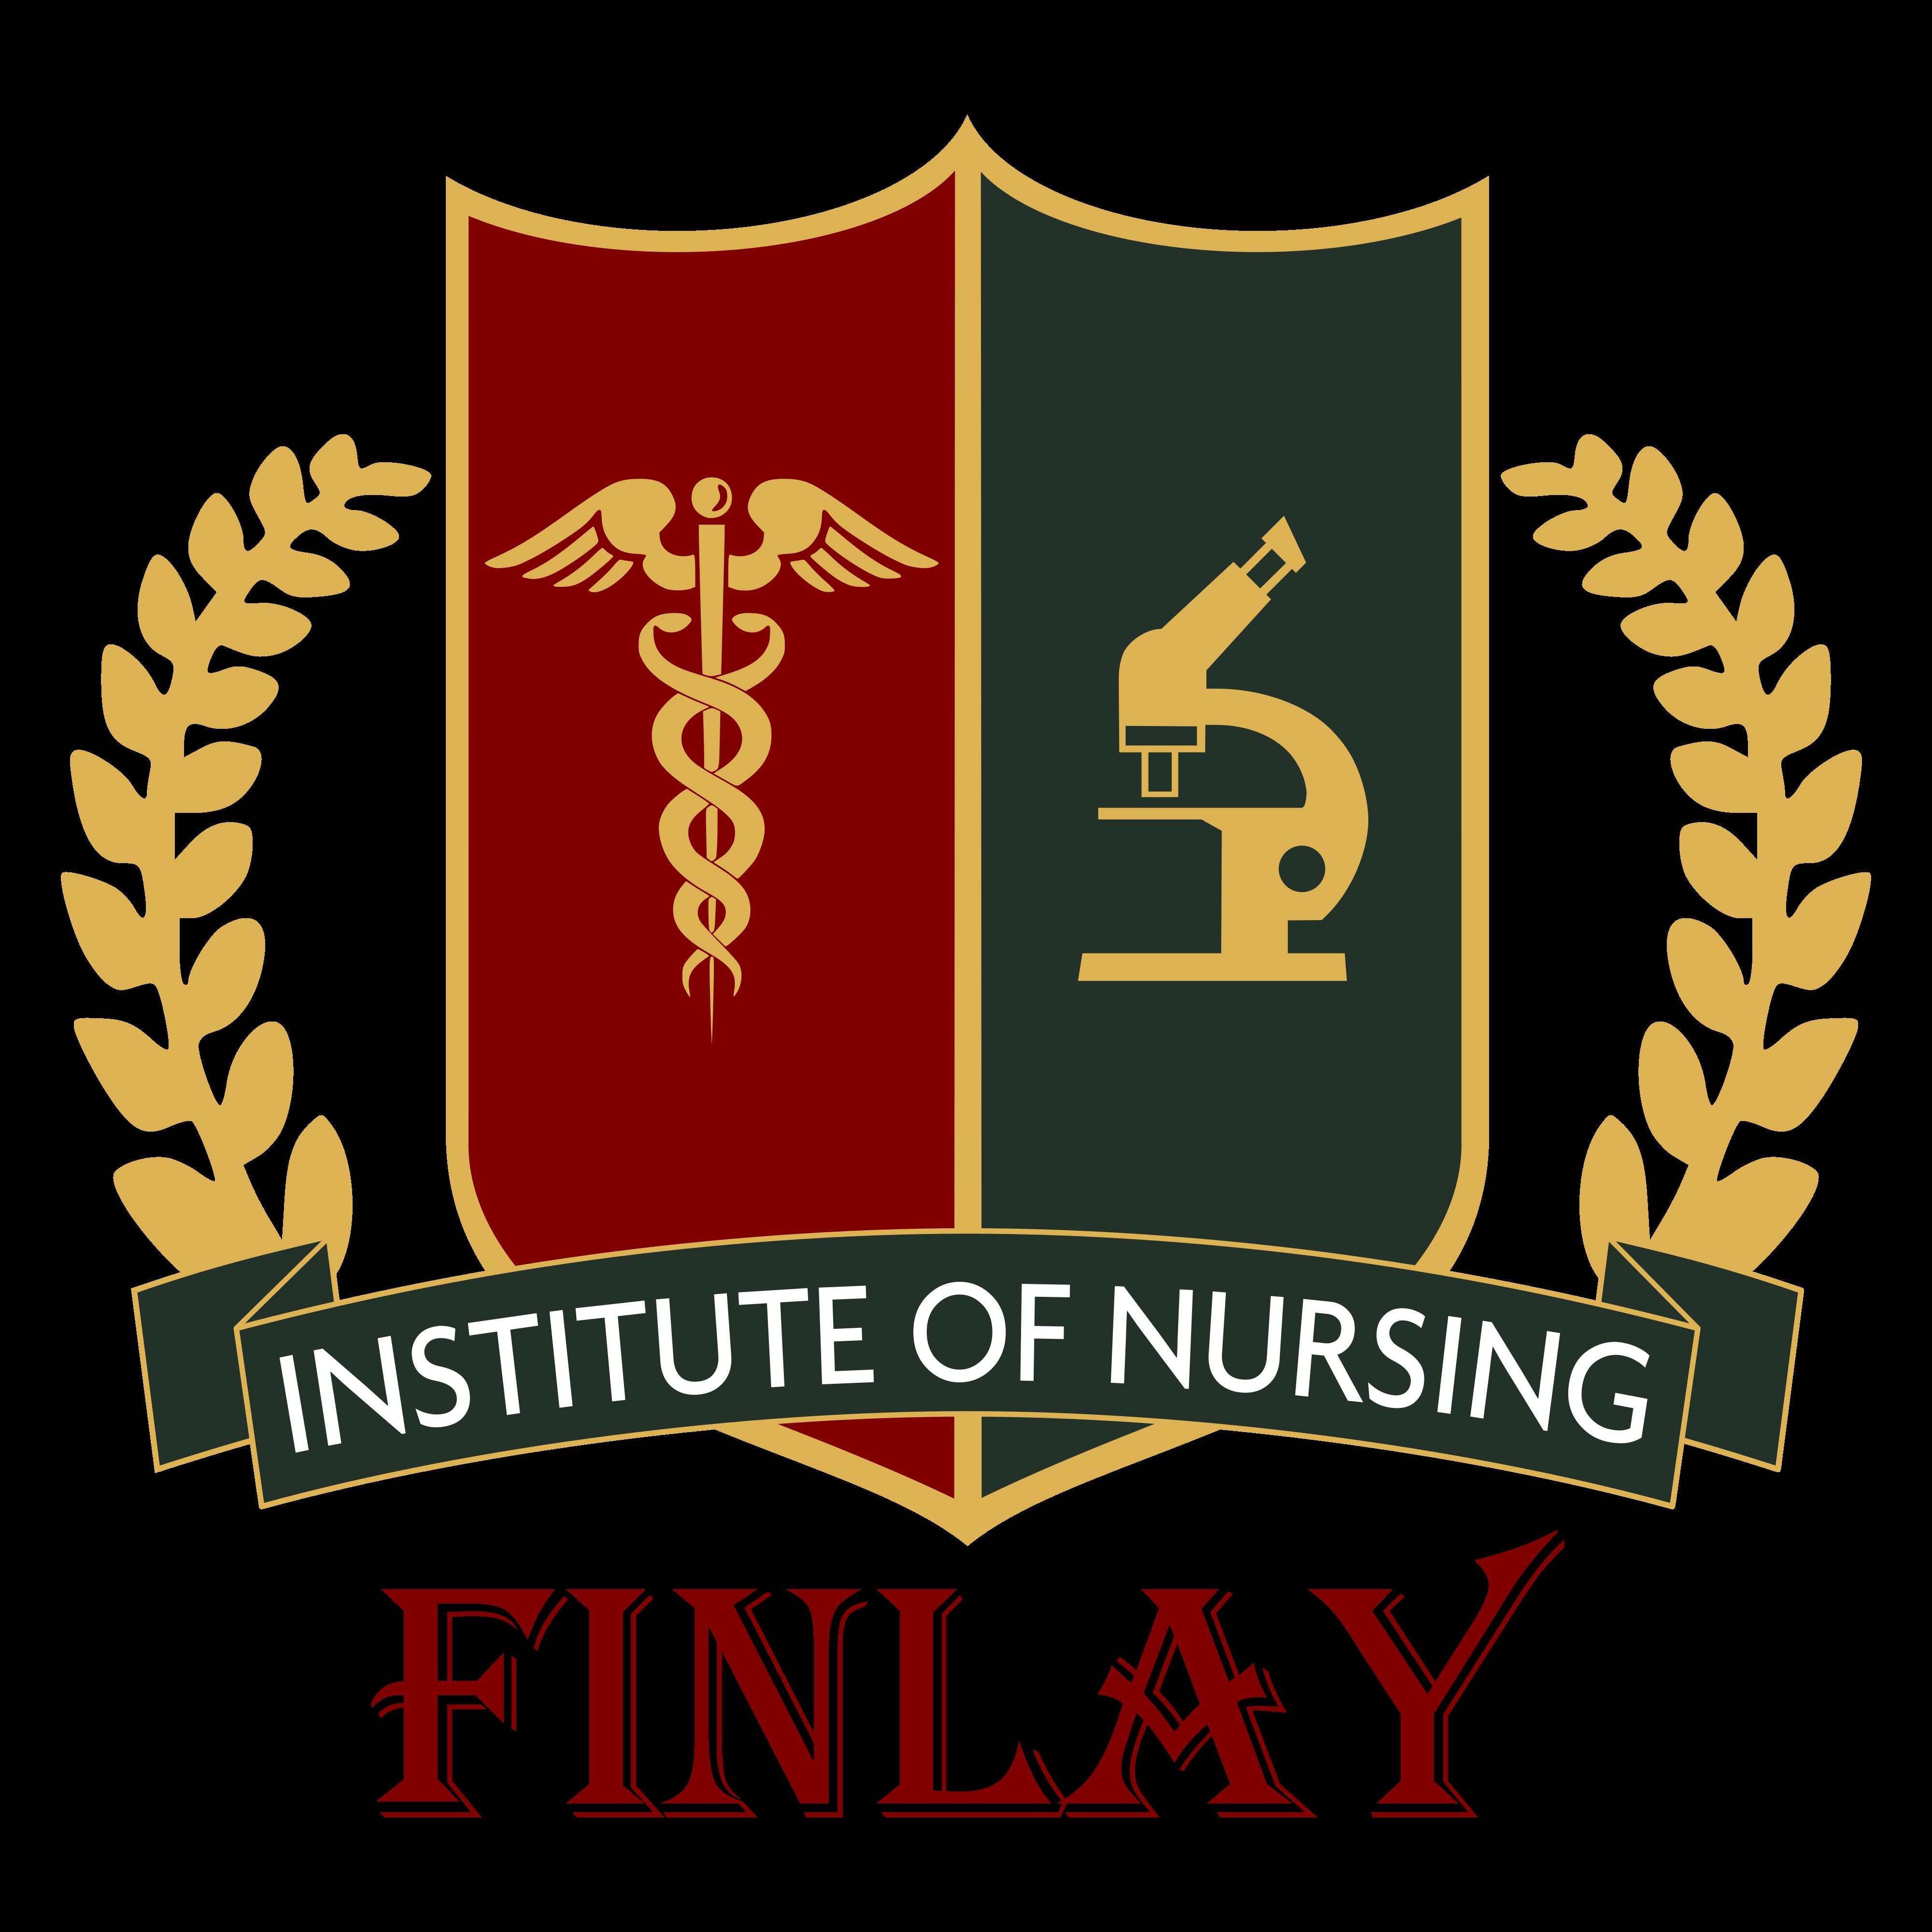 Finlay Institute